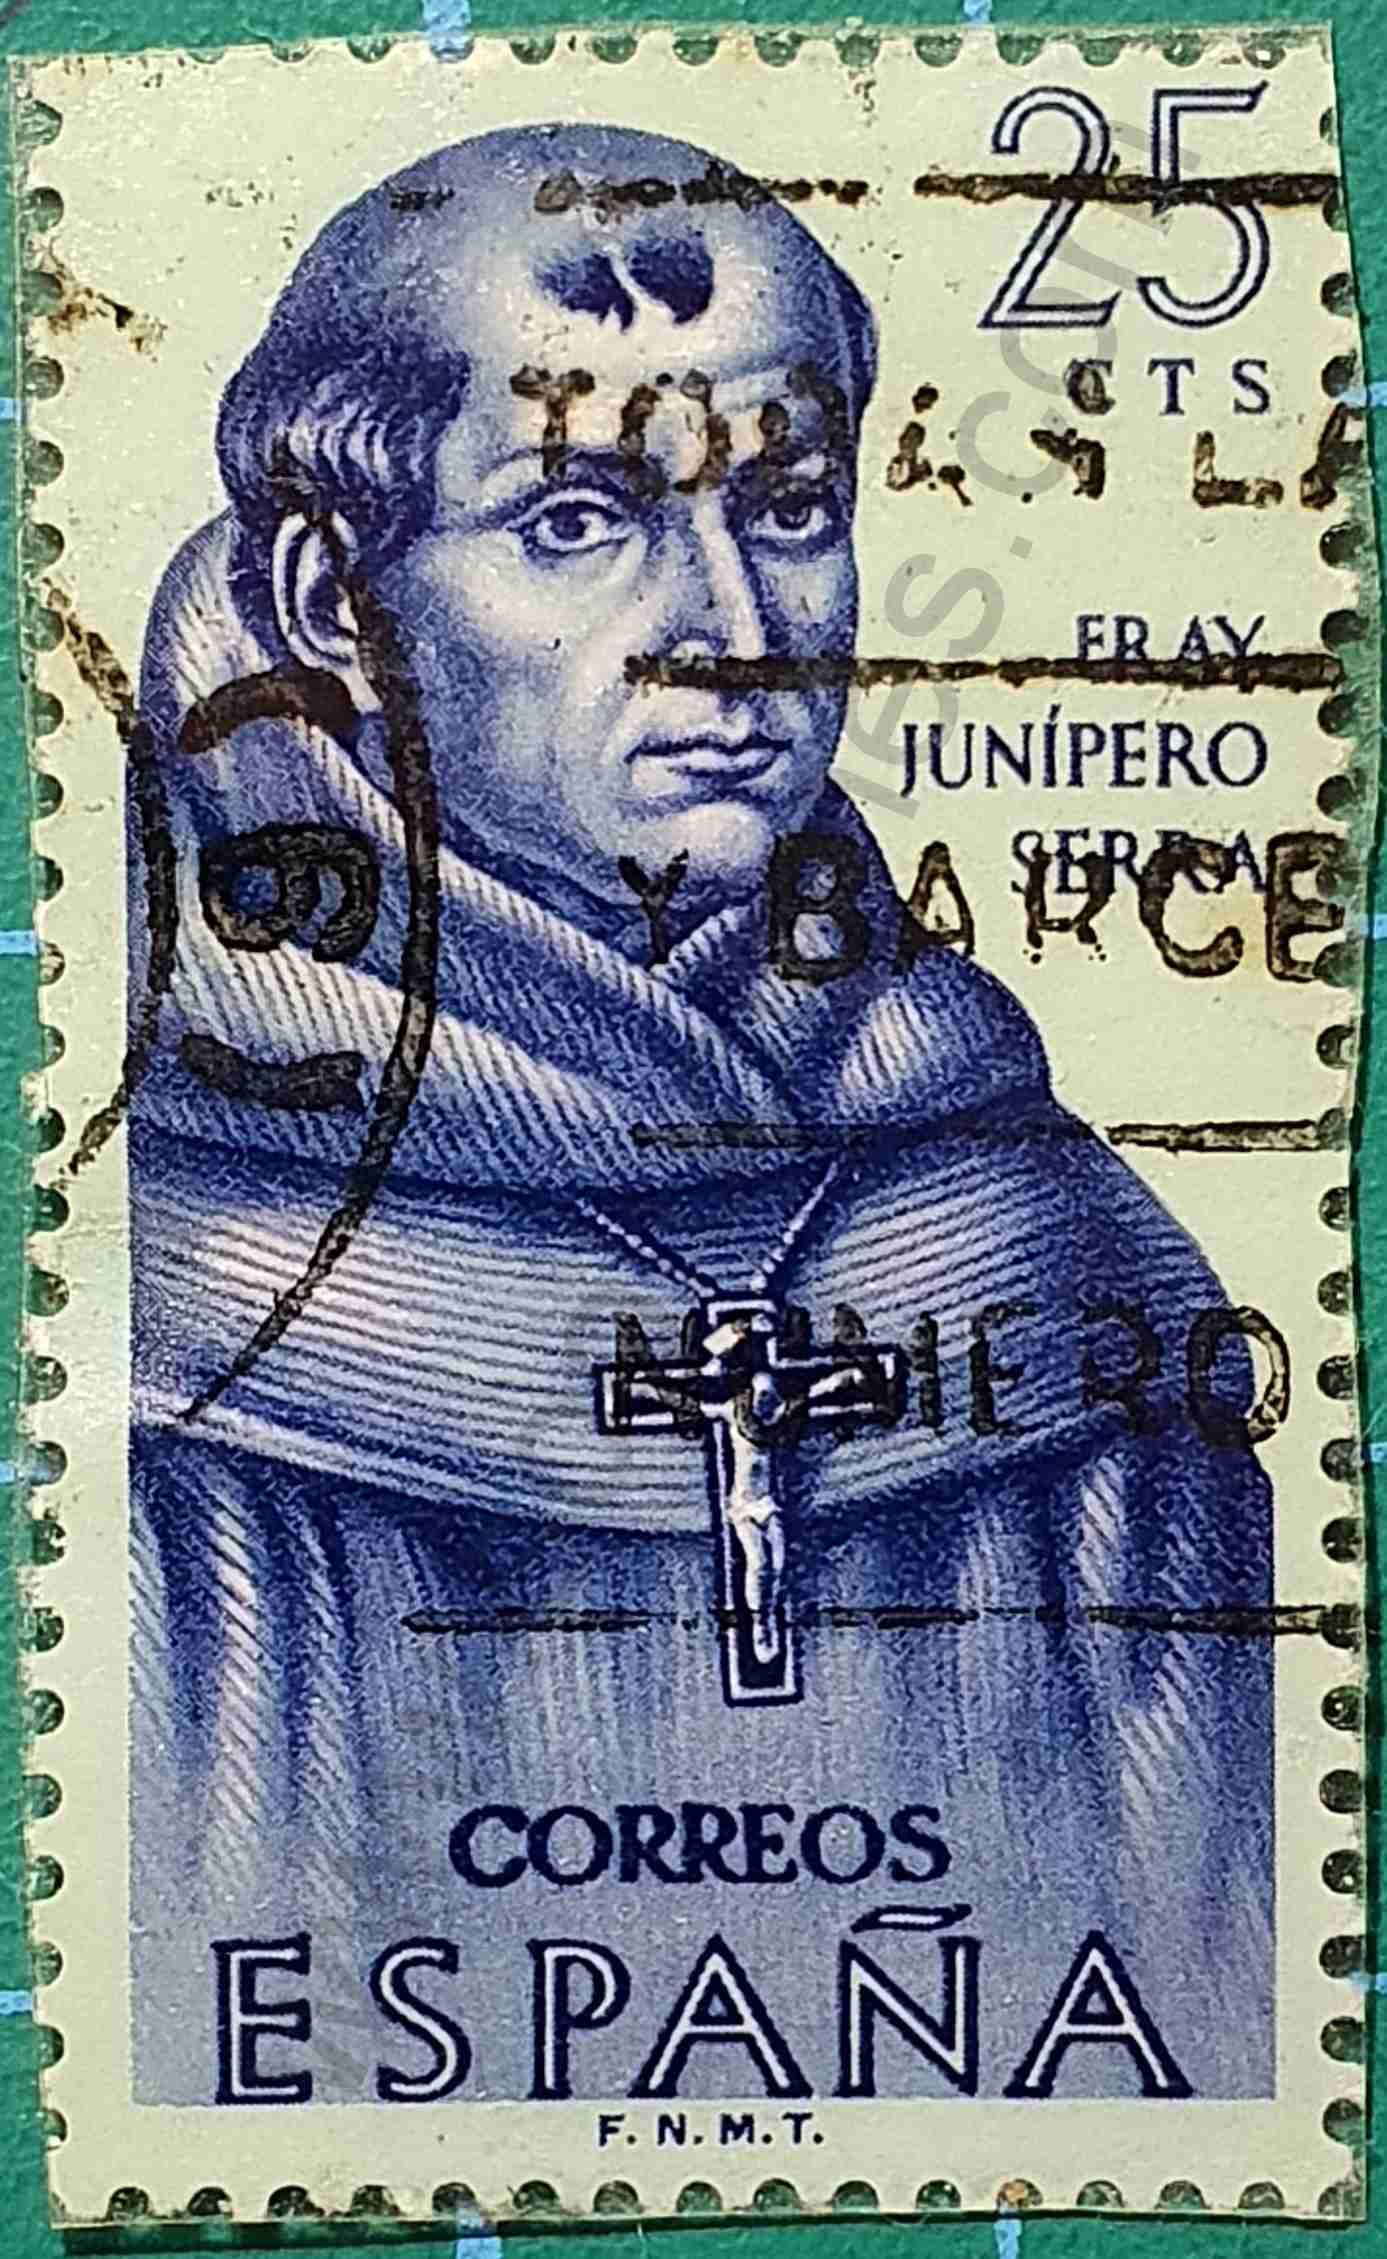 Fray Junípero - Sello España 1963